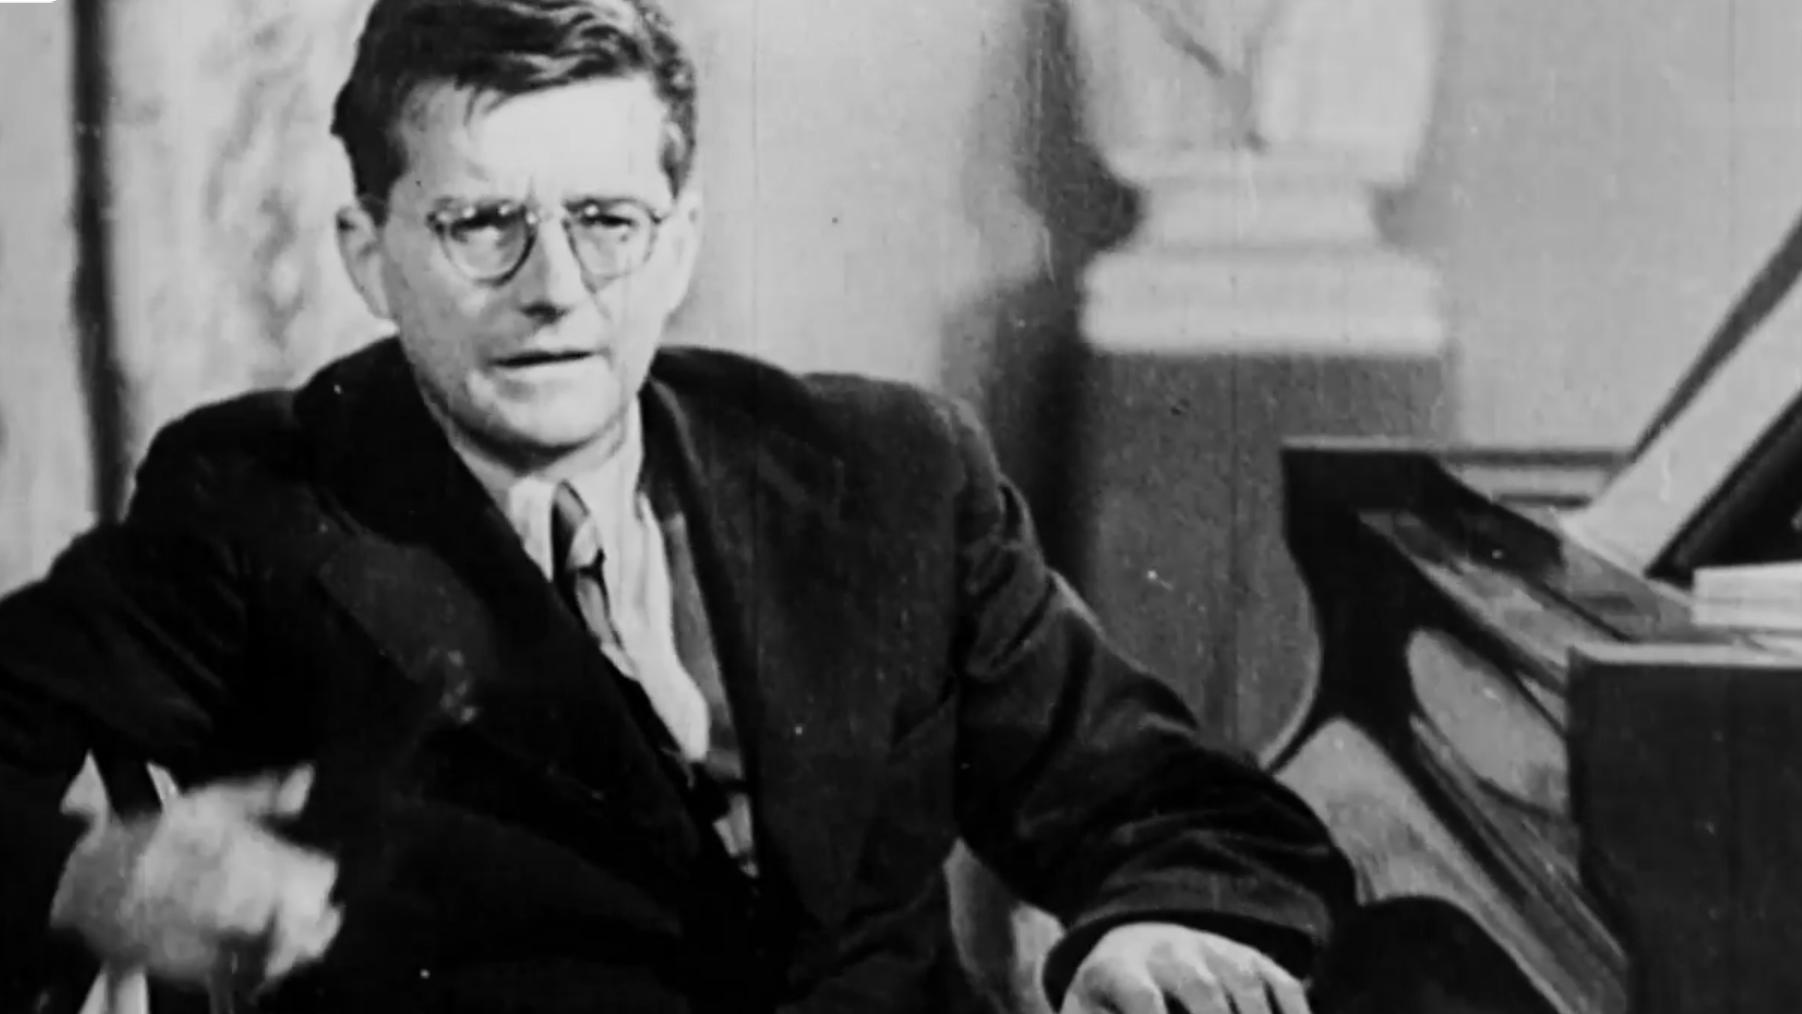 Into The Cold Dawn: A Portrait of Dmitri Shostakovich